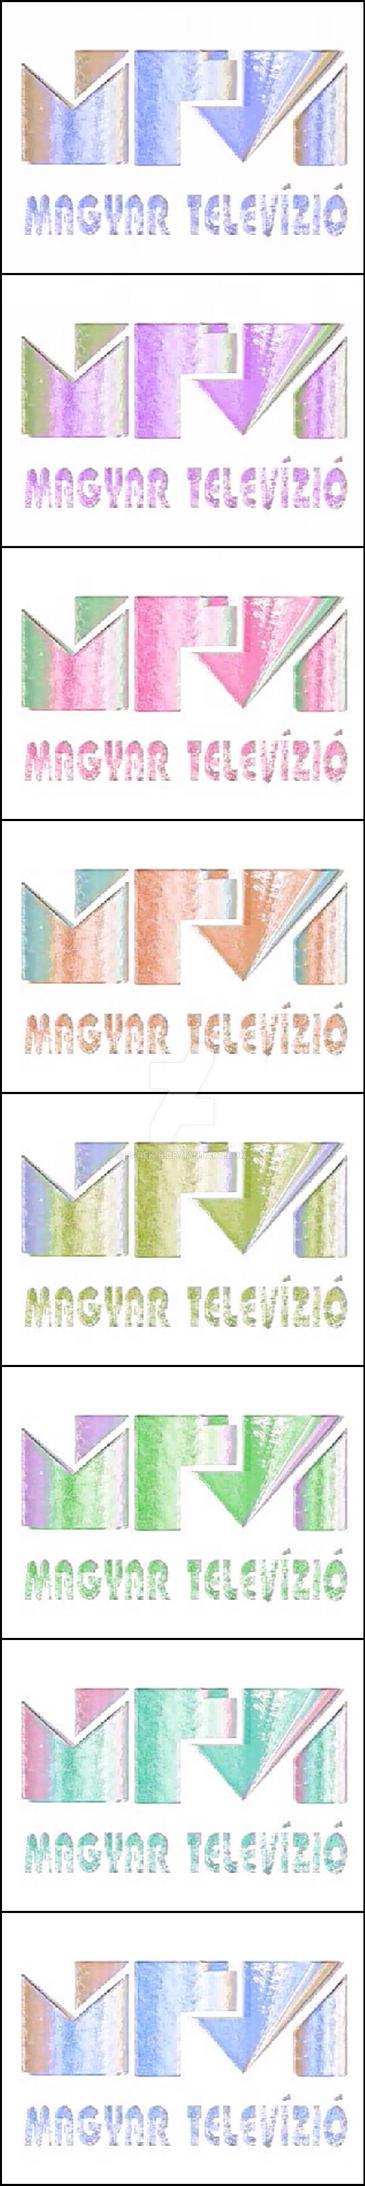 Mtv logo 94 negative color variation #01 by farek18